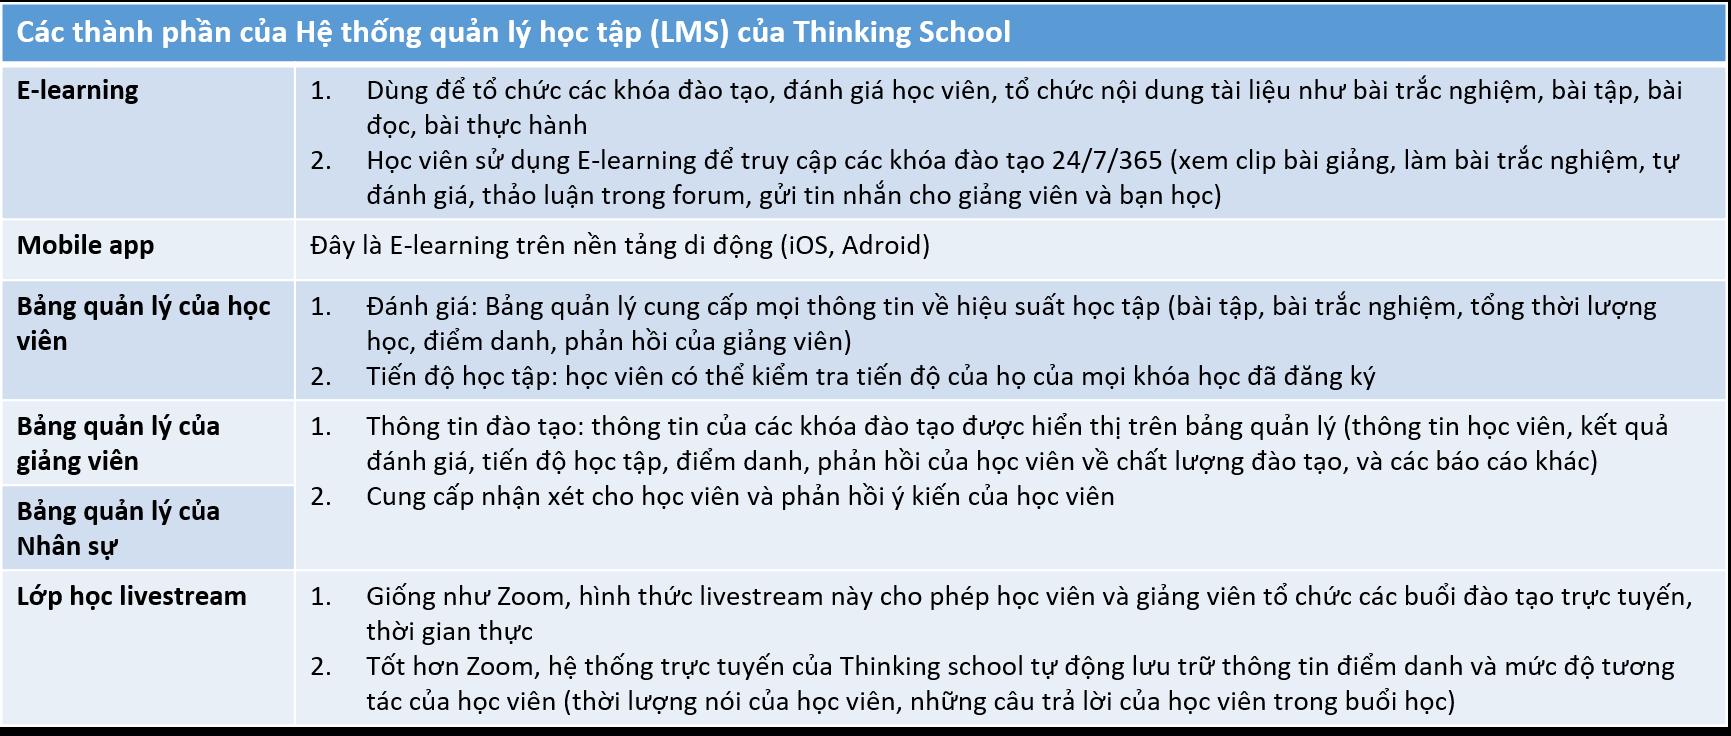 LMS hỗ trợ đào tạo theo Flipped Classroom tại Thinking School